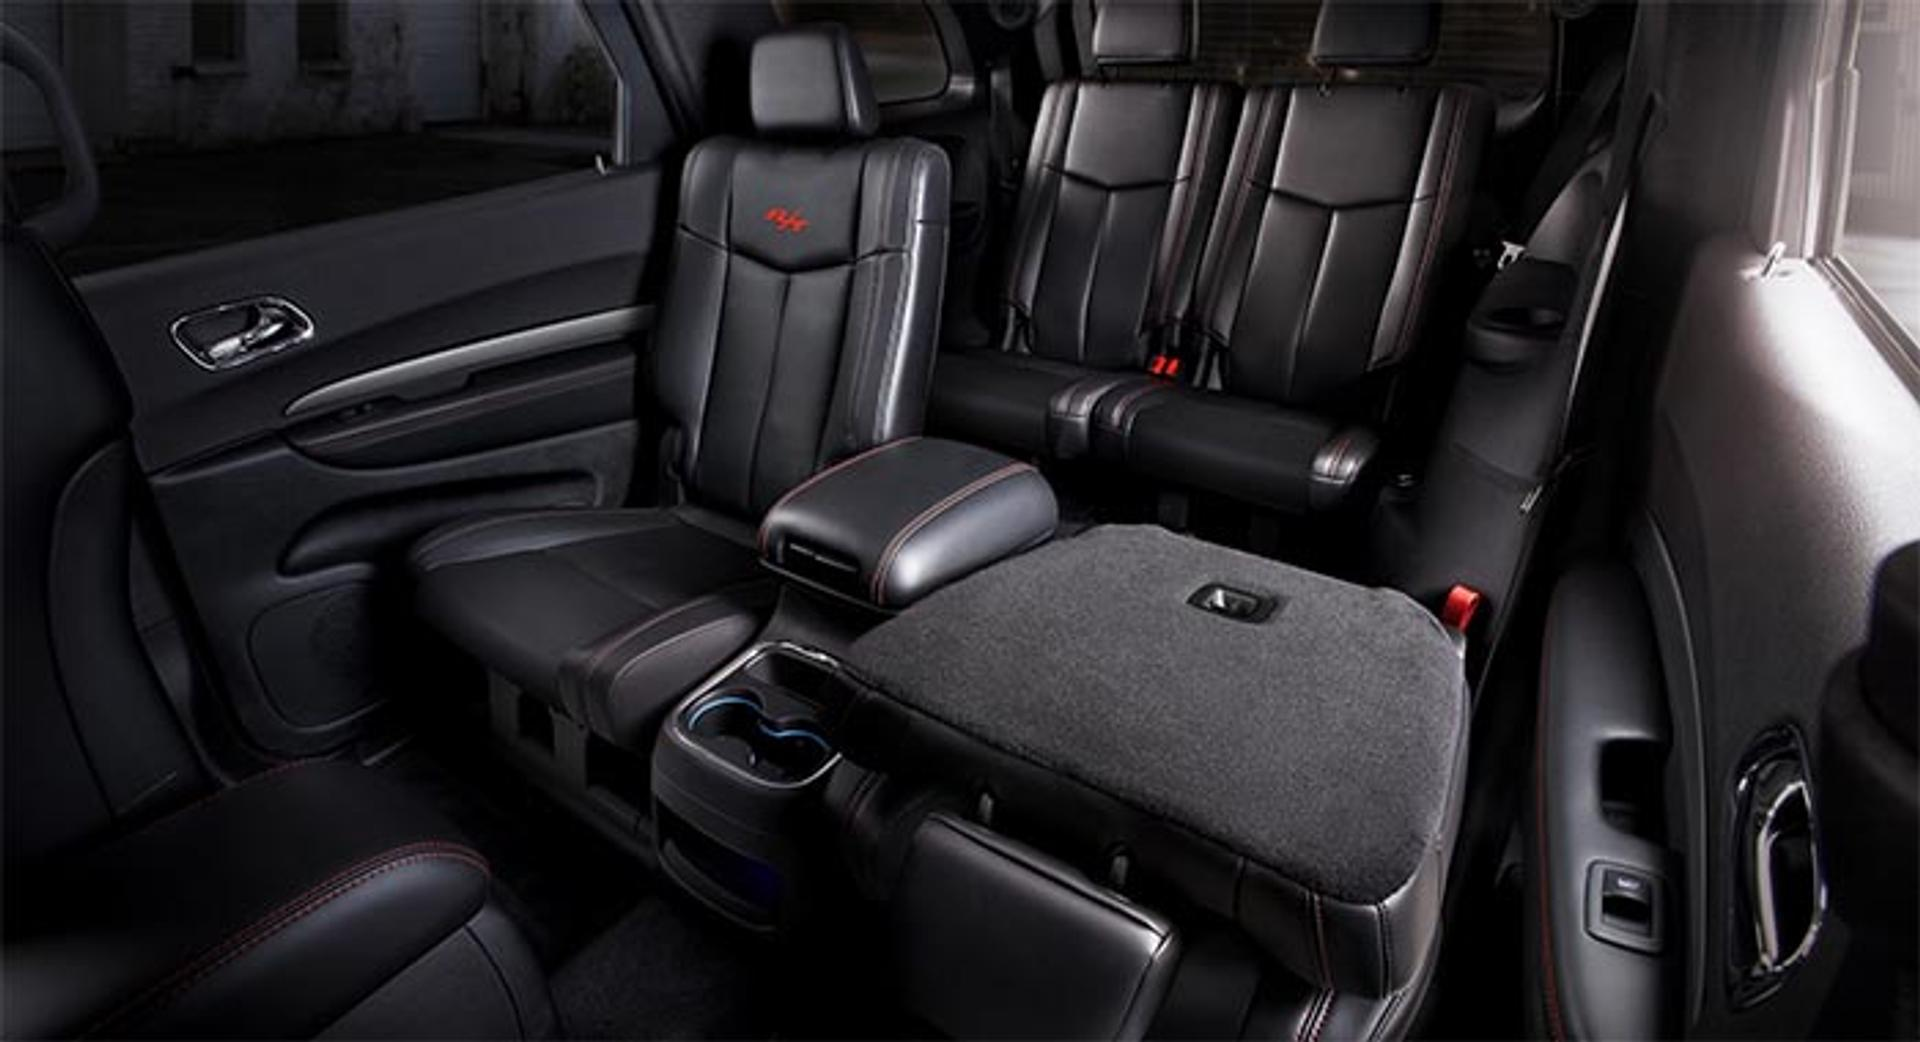 Dodge Durango rear passenger seating